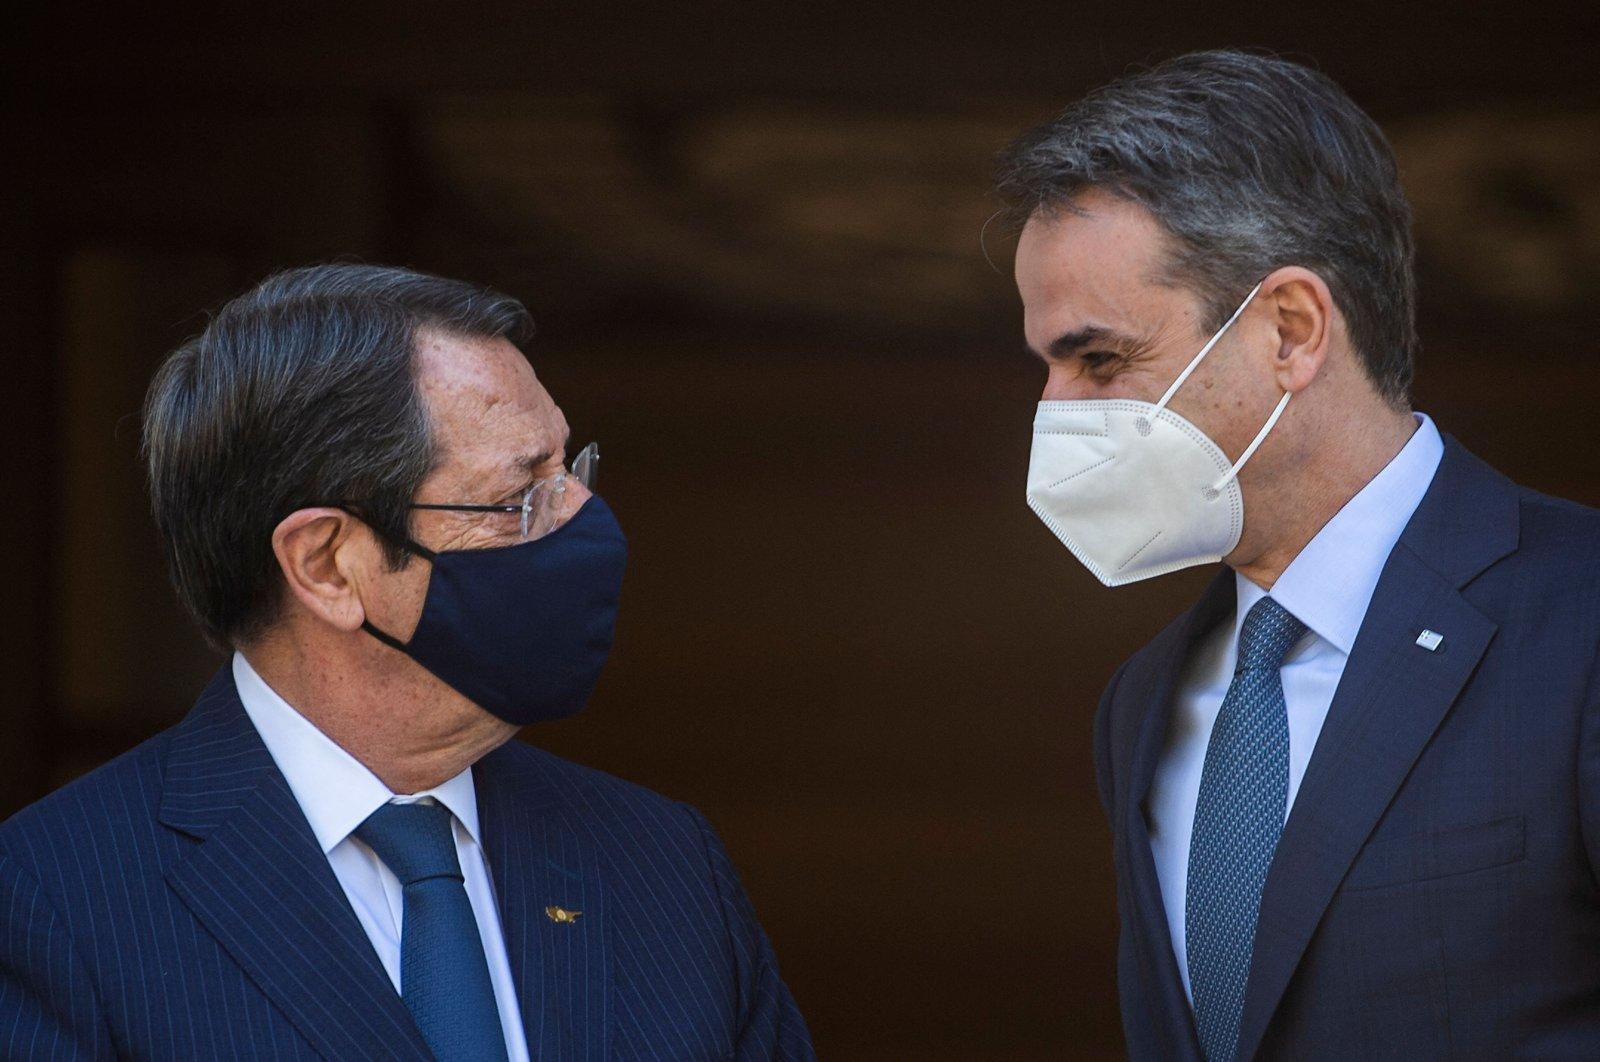 Οι ηγέτες της Ελληνικής Κύπρου και της Ελλάδας συναντιούνται πριν από τις συνομιλίες της Γενεύης υπό την ηγεσία του ΟΗΕ